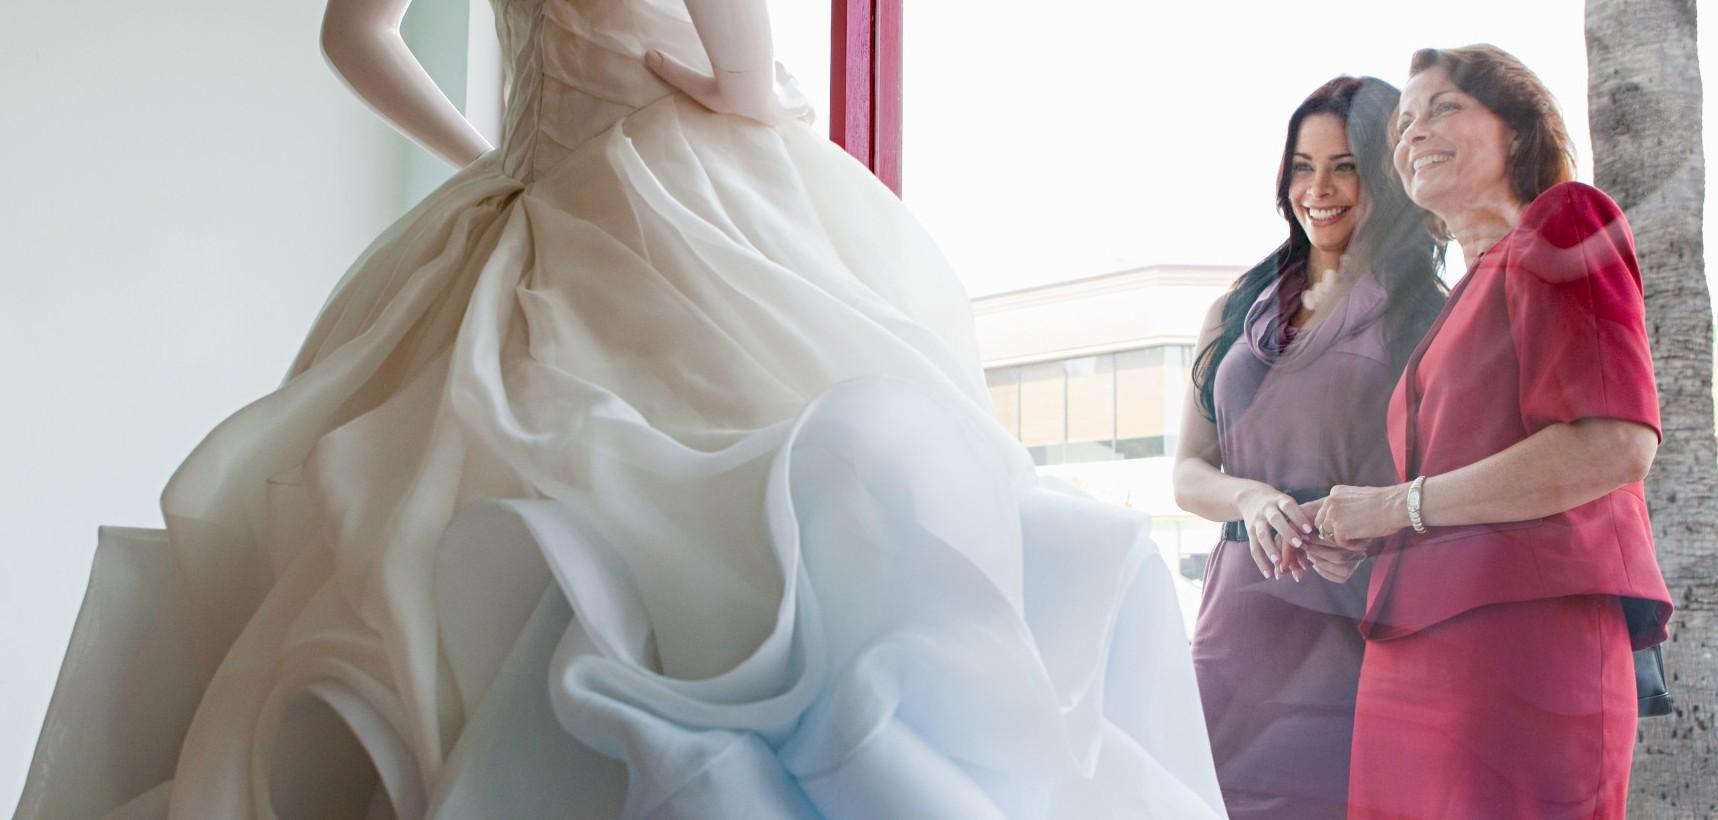 سعی کنید با یک همراه برای انتخاب لباس عروستان بروید